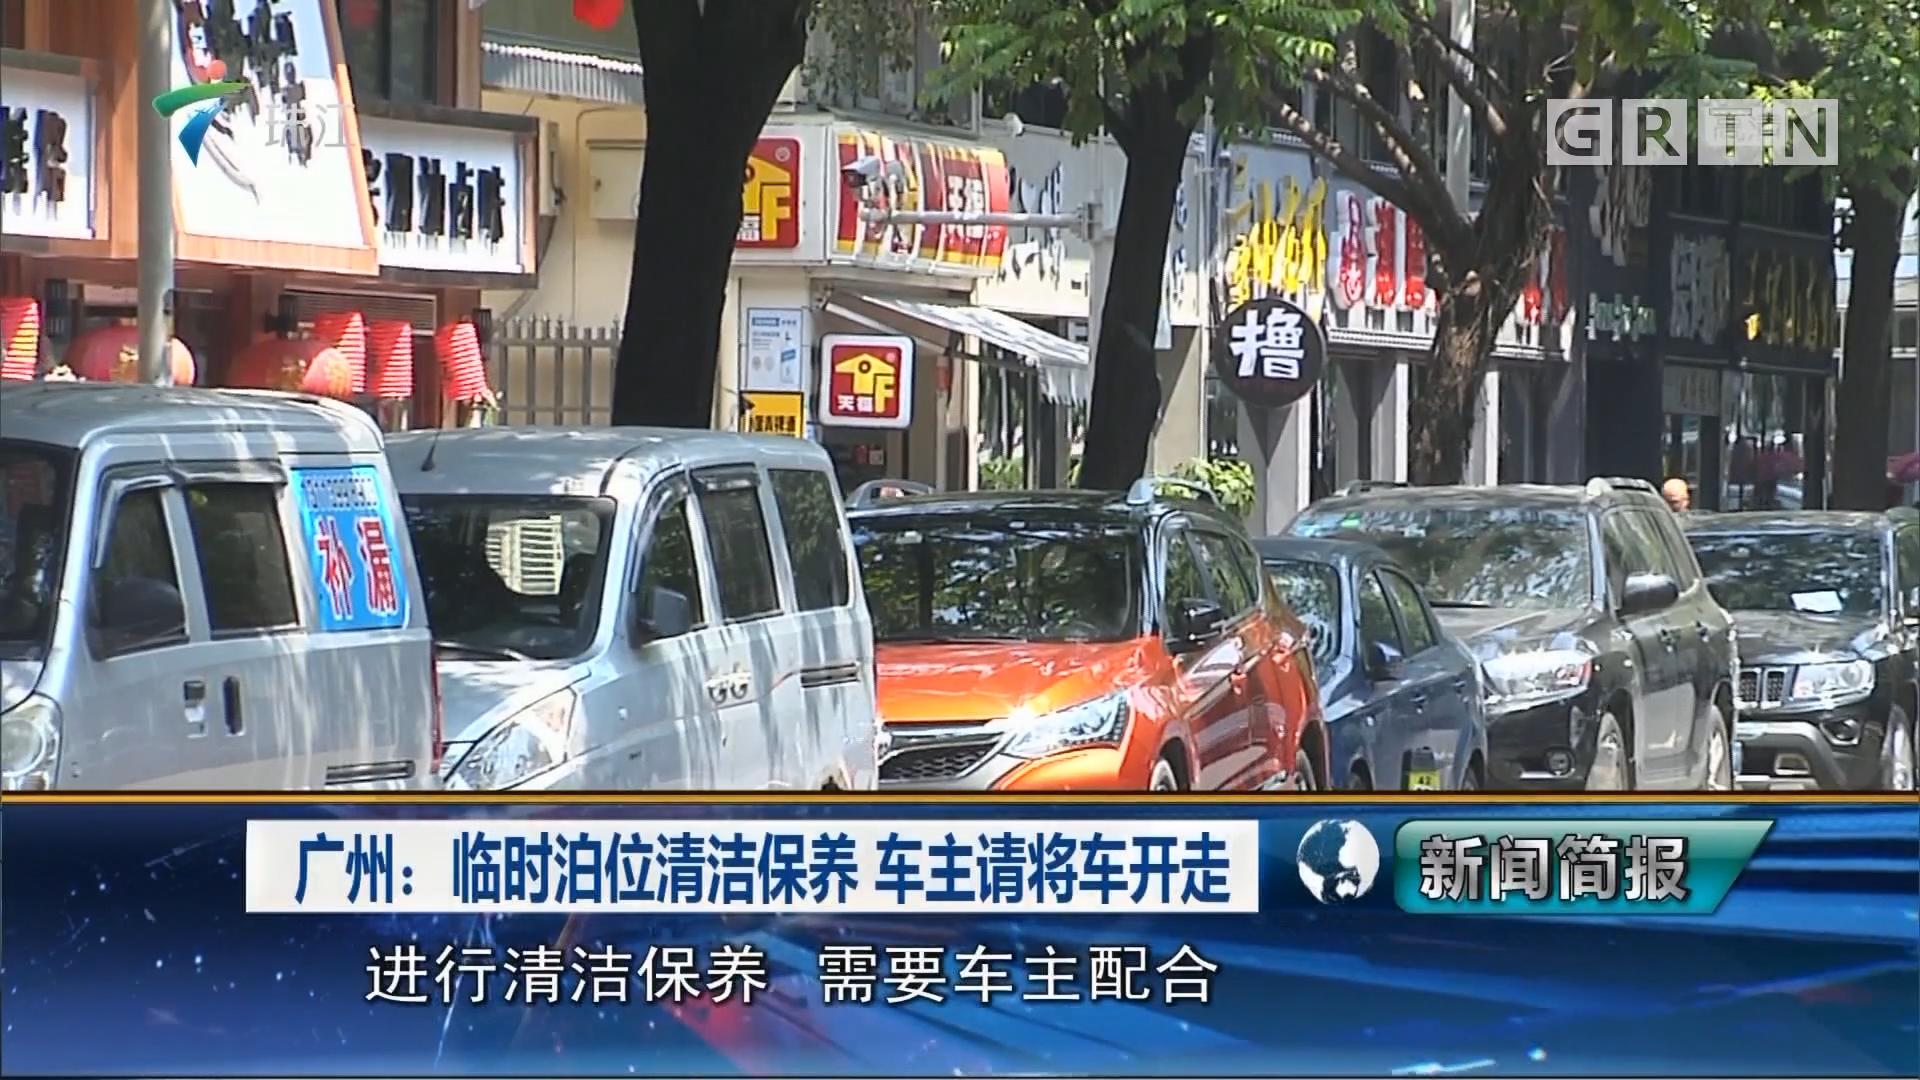 广州:临时泊位清洁保养 车主请将车开走